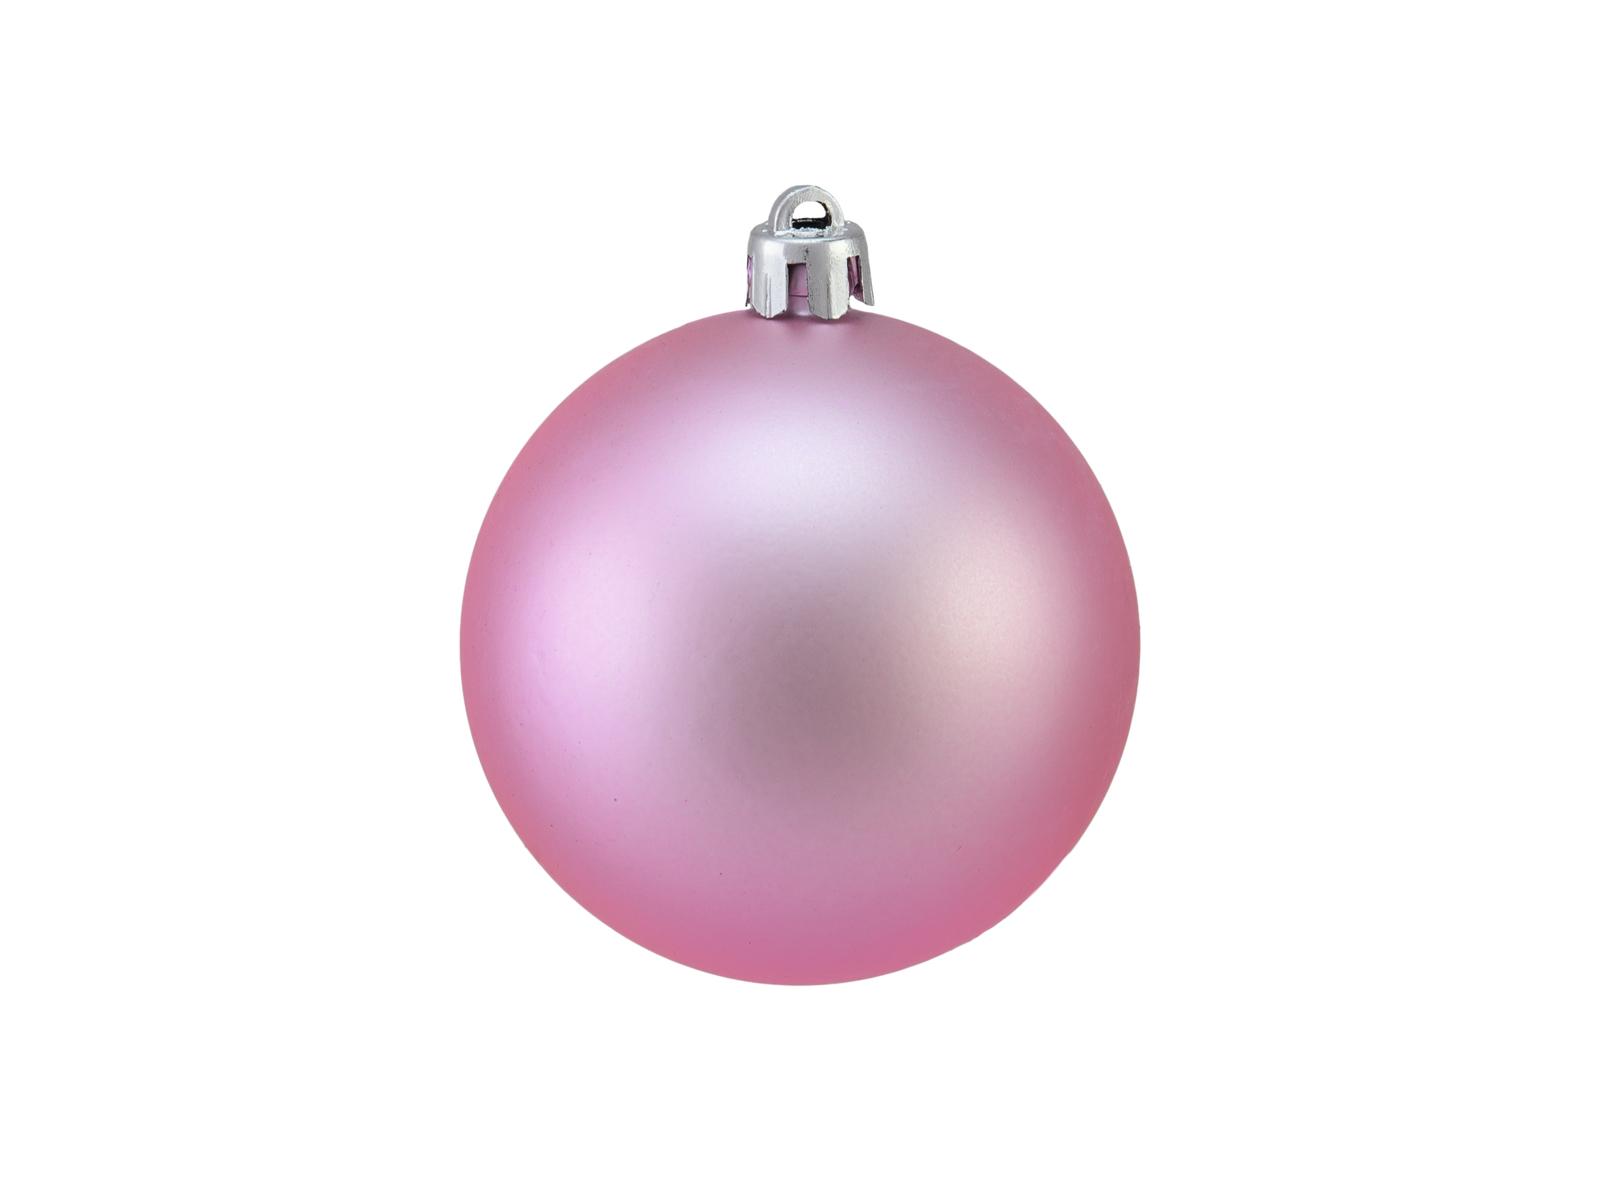 Vánoční dekorační ozdoby, 7 cm, růžové matné, 6 ks